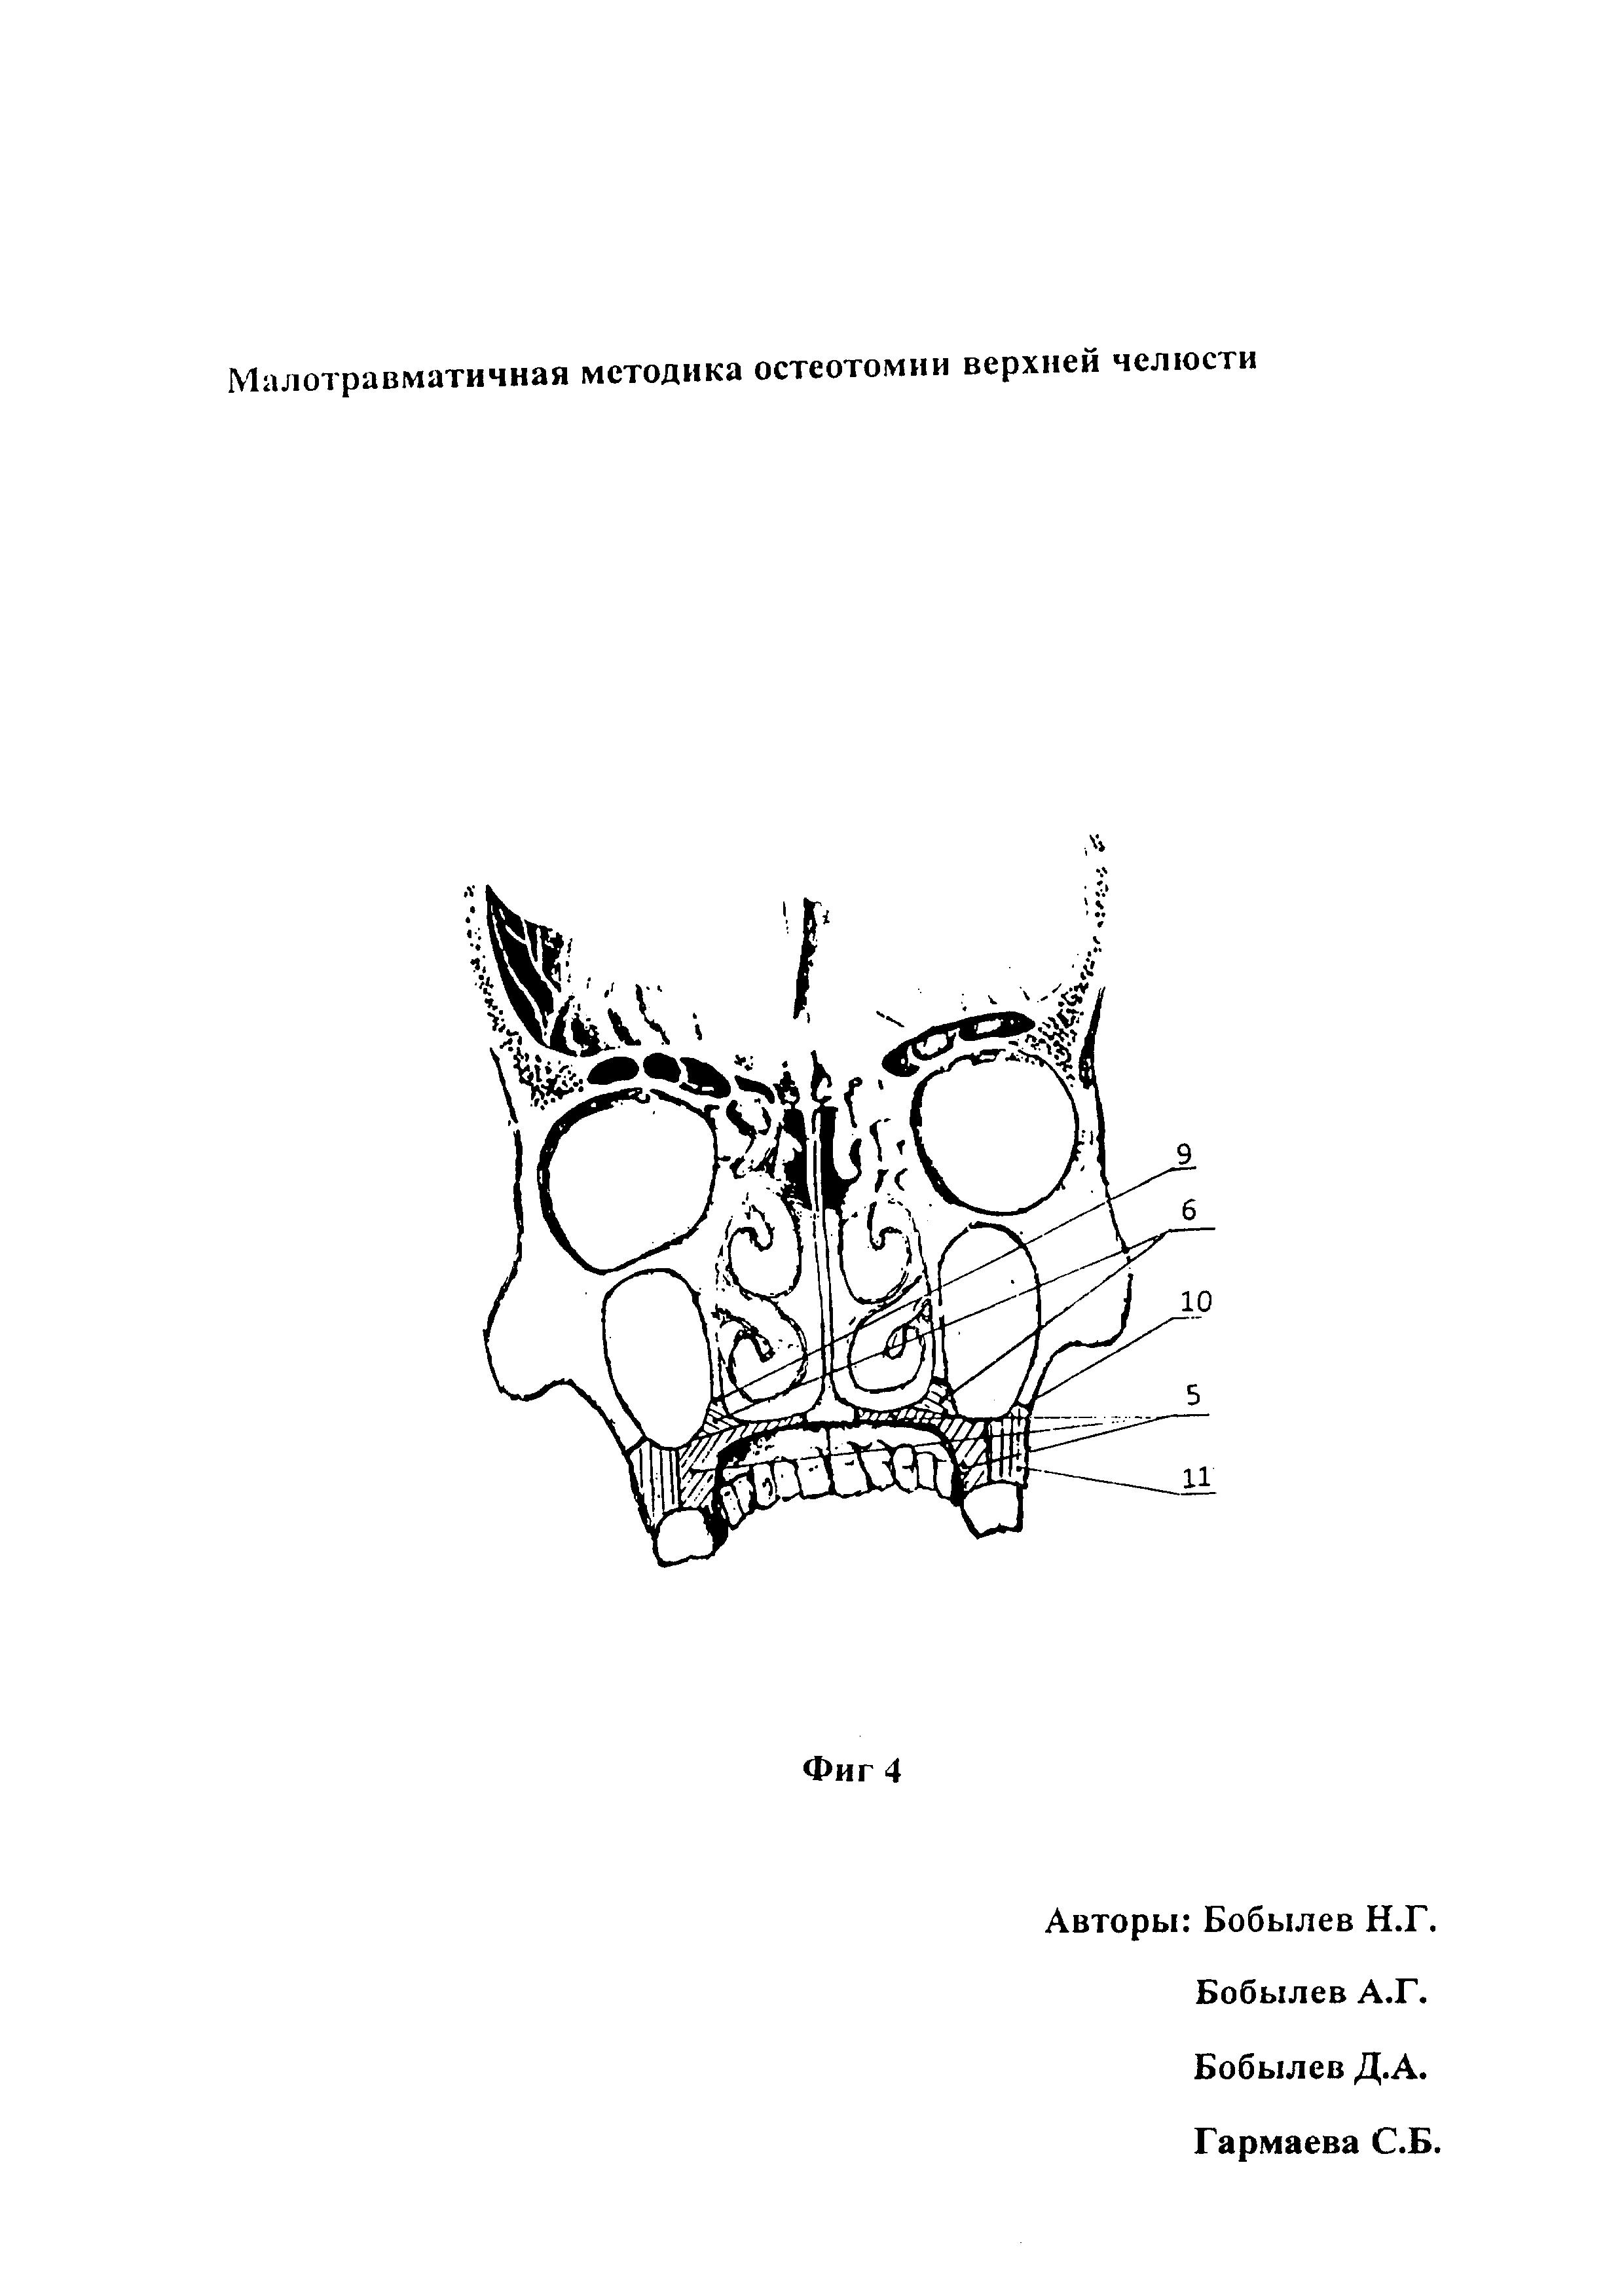 Малотравматичная методика остеотомии верхней челюсти